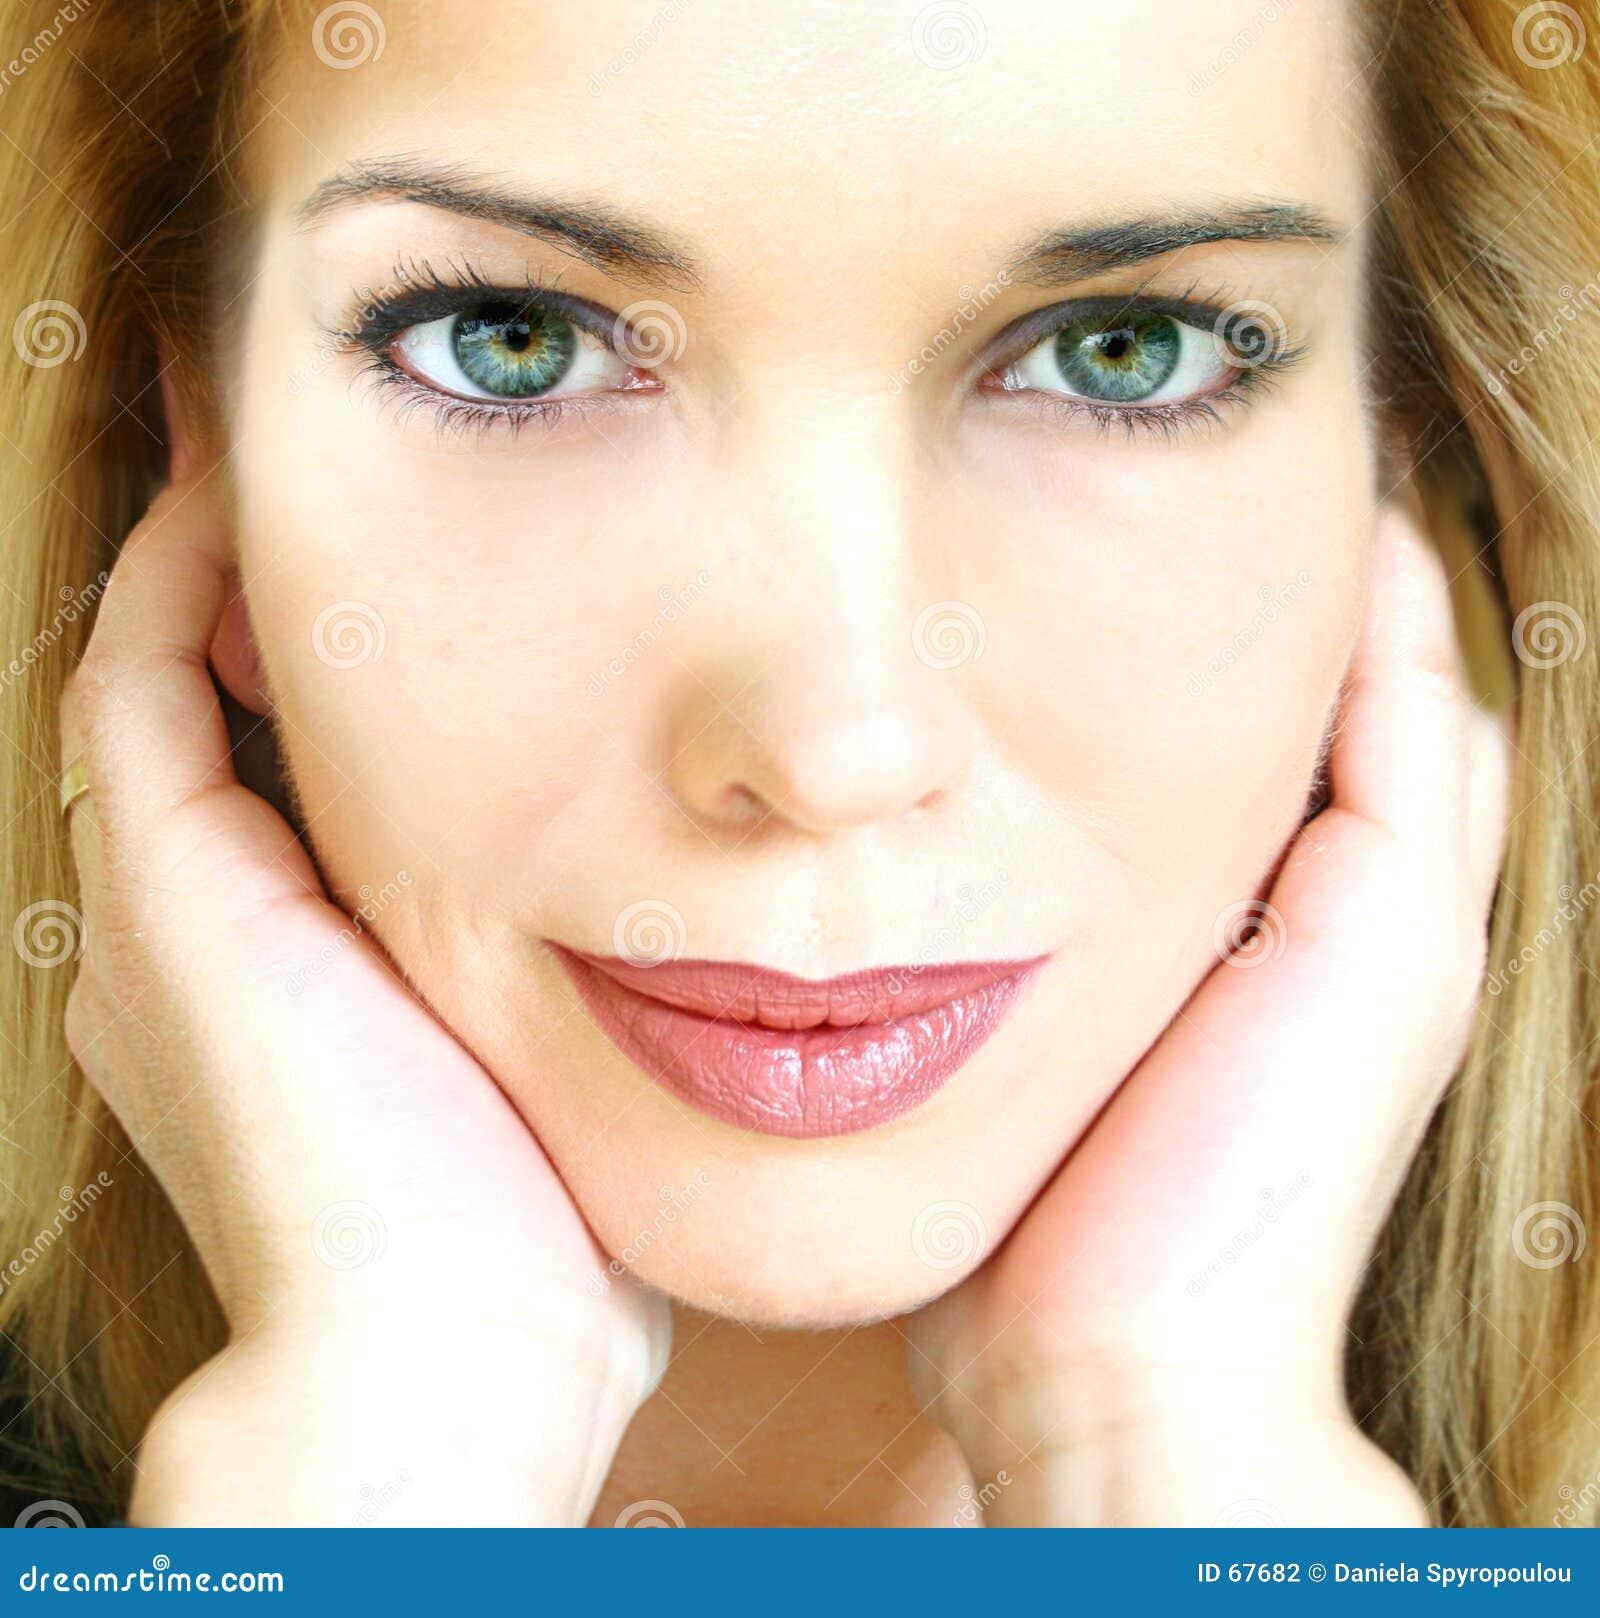 de close up van het gezicht stock fotografie beeld 67682. Black Bedroom Furniture Sets. Home Design Ideas